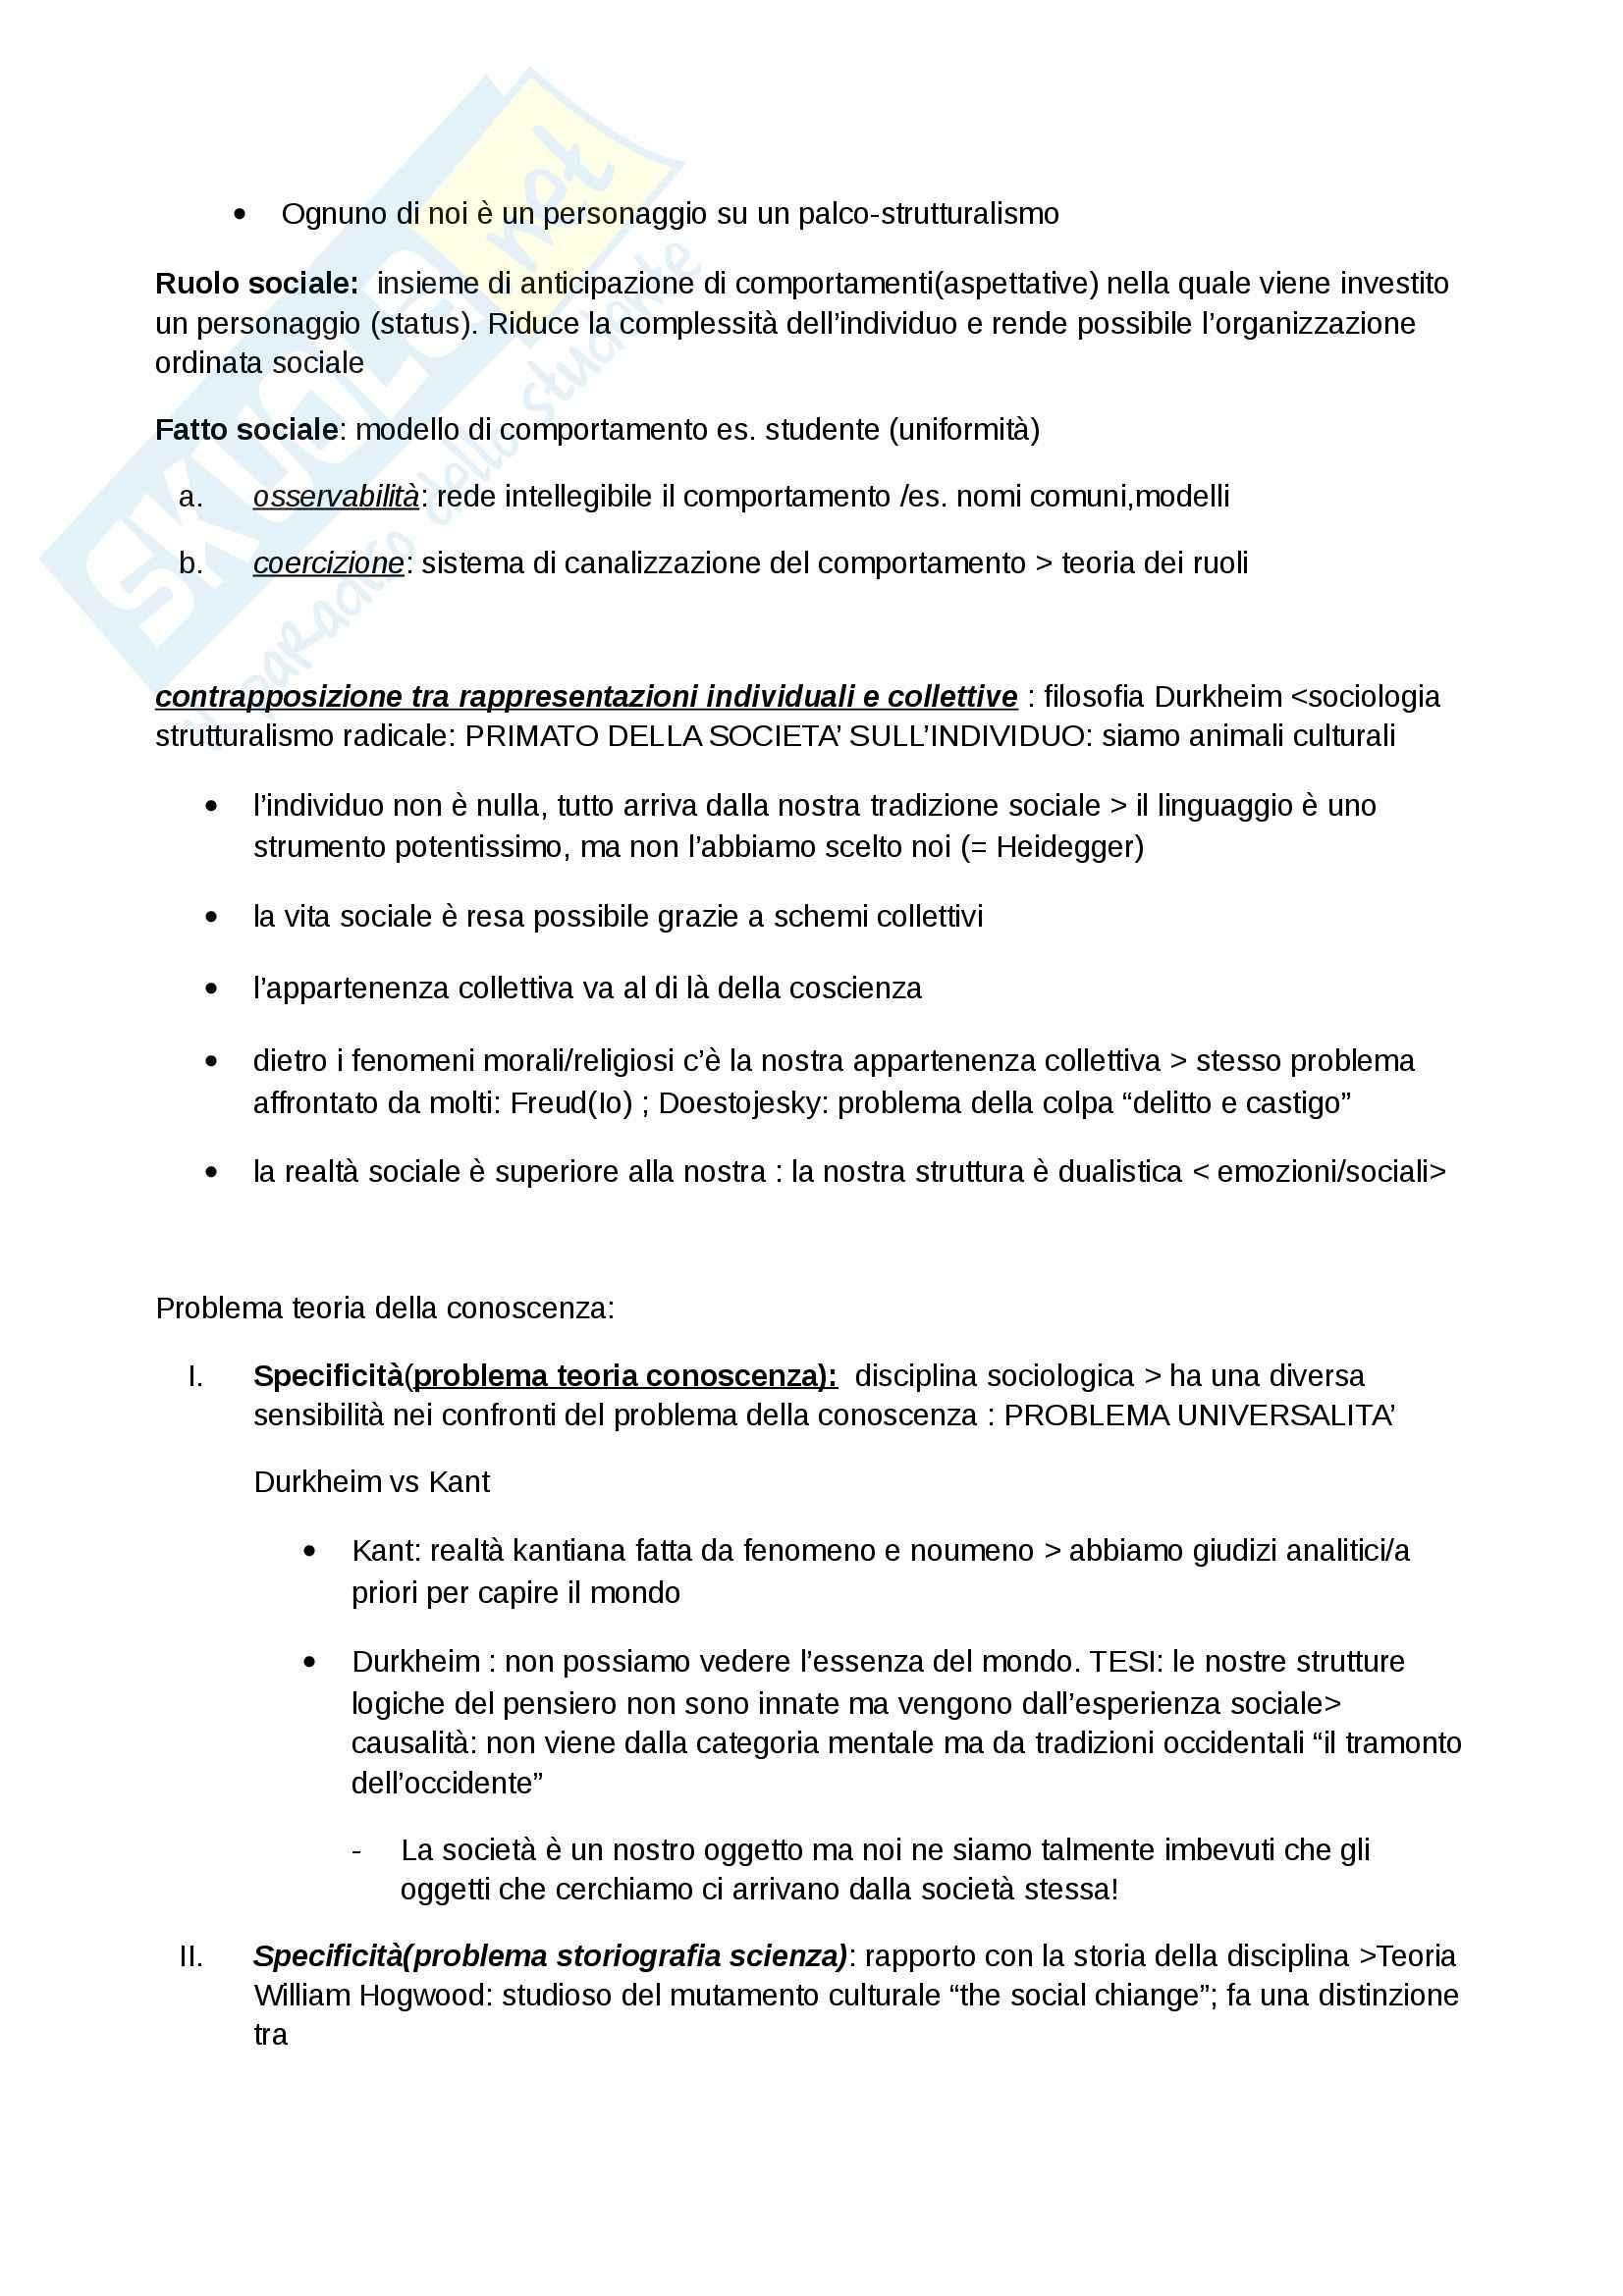 Storicità e storia della sociologia, Sociologia della comunicazione Pag. 2